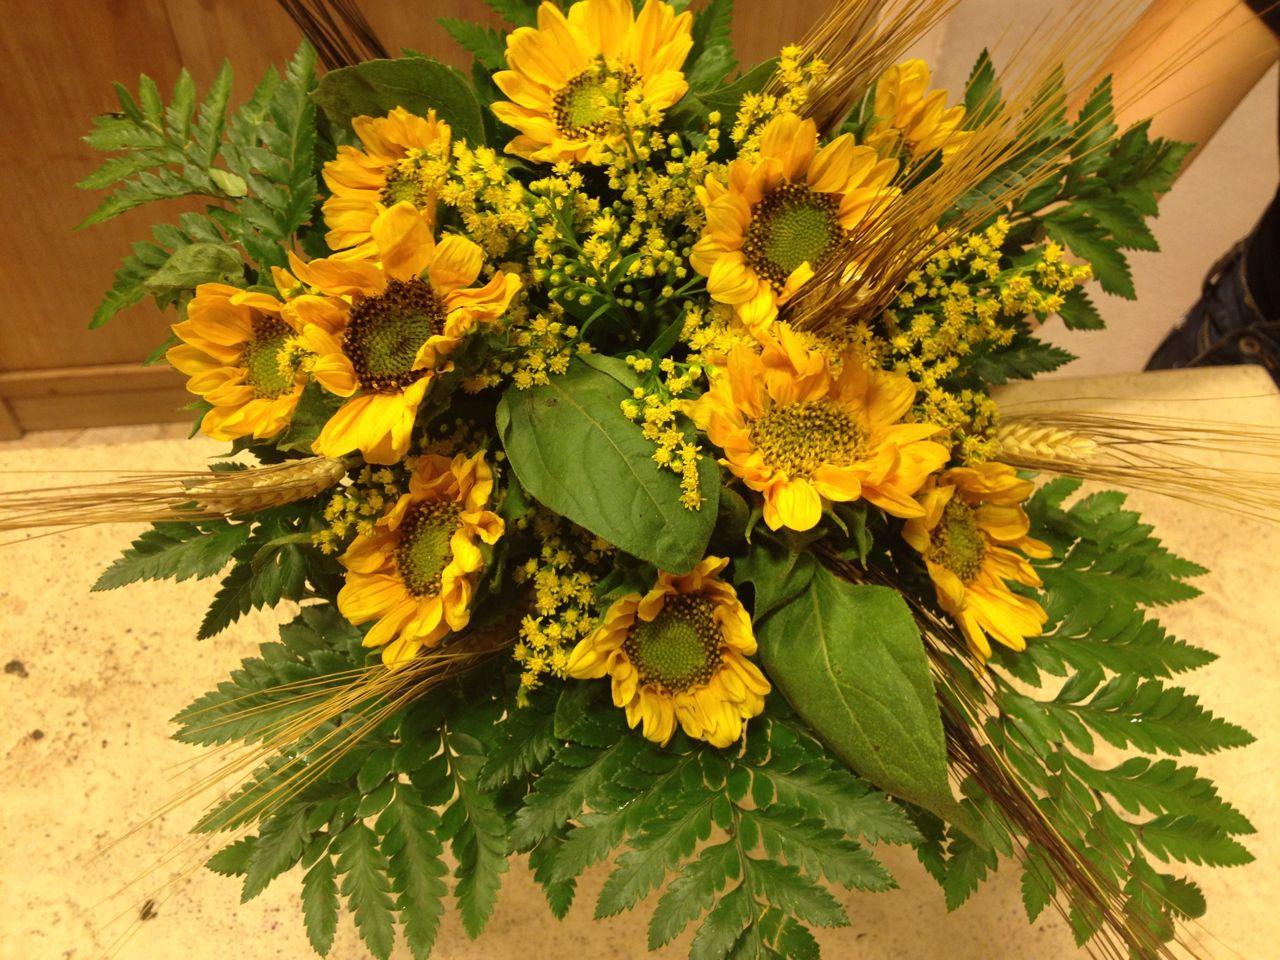 Girasoli Matrimonio : Elisabetta fiori e piante bouquet di girasoli grano